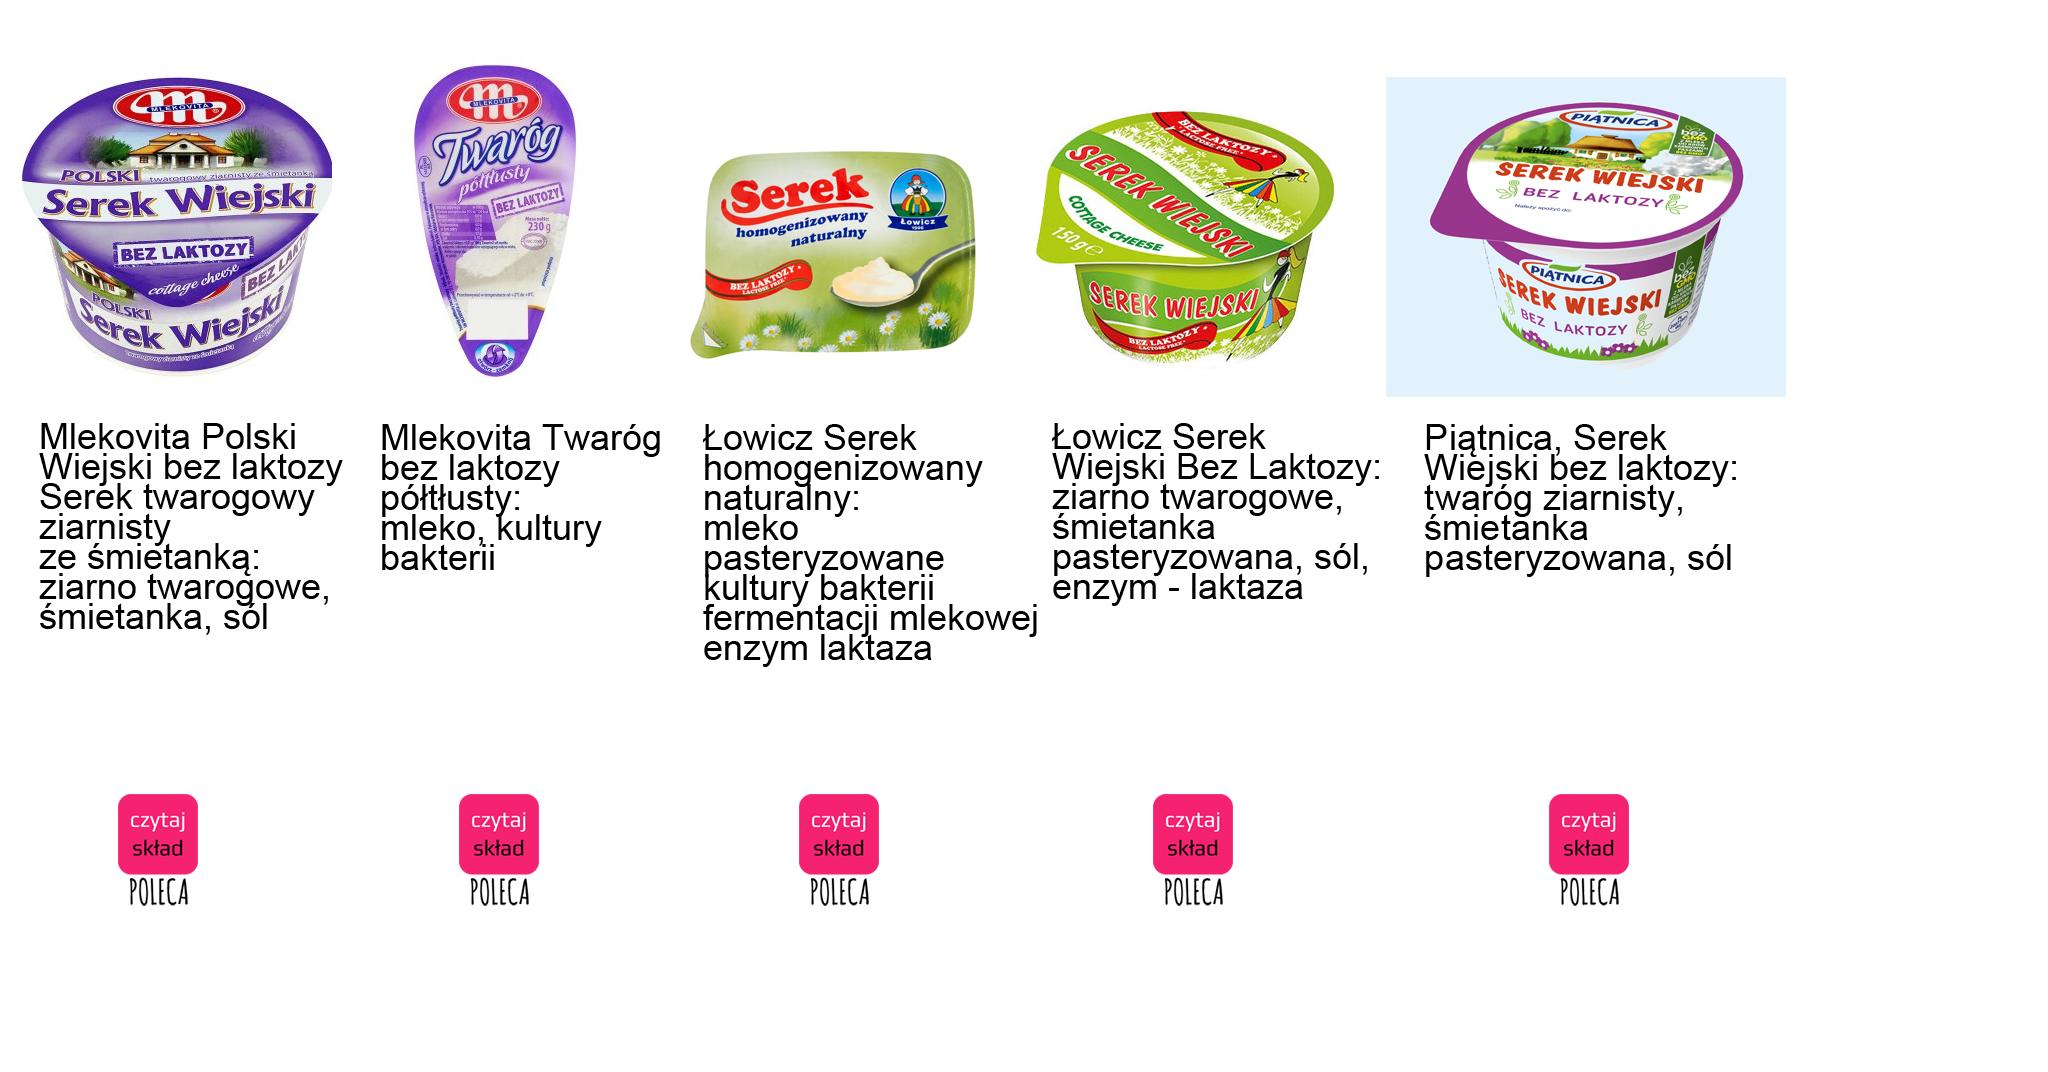 Serki Twarogowe Bez Laktozy Porownanie Produktow Na Czytaj Sklad